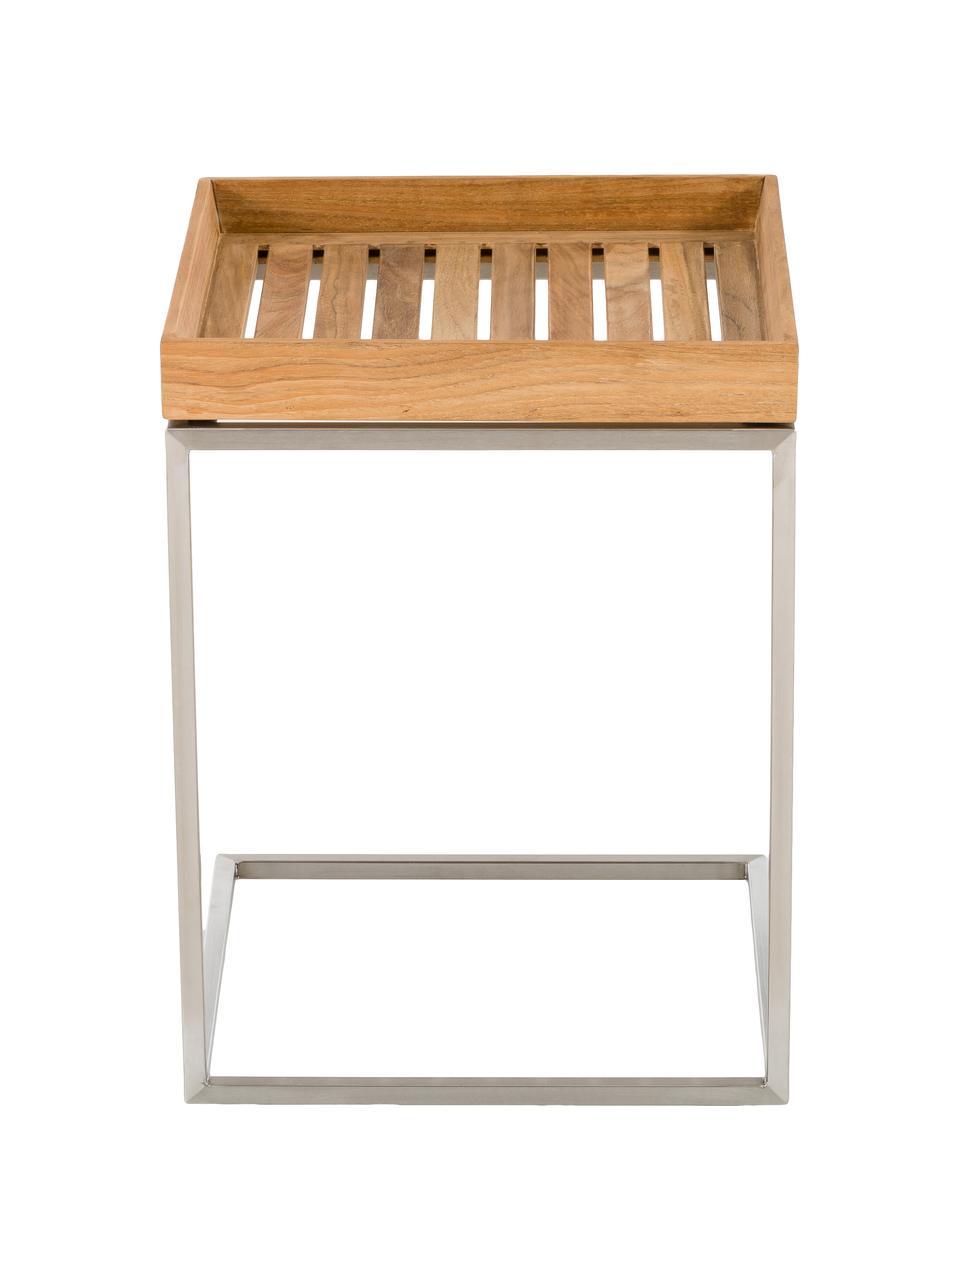 Stolik balkonowy z tacą z drewna tekowego Pizzo, Blat: masywne drewno tekowe, ol, Stelaż: stal szlachetna , piaskow, Drewno tekowe, stal szlachetna, S 40 x H 52 cm